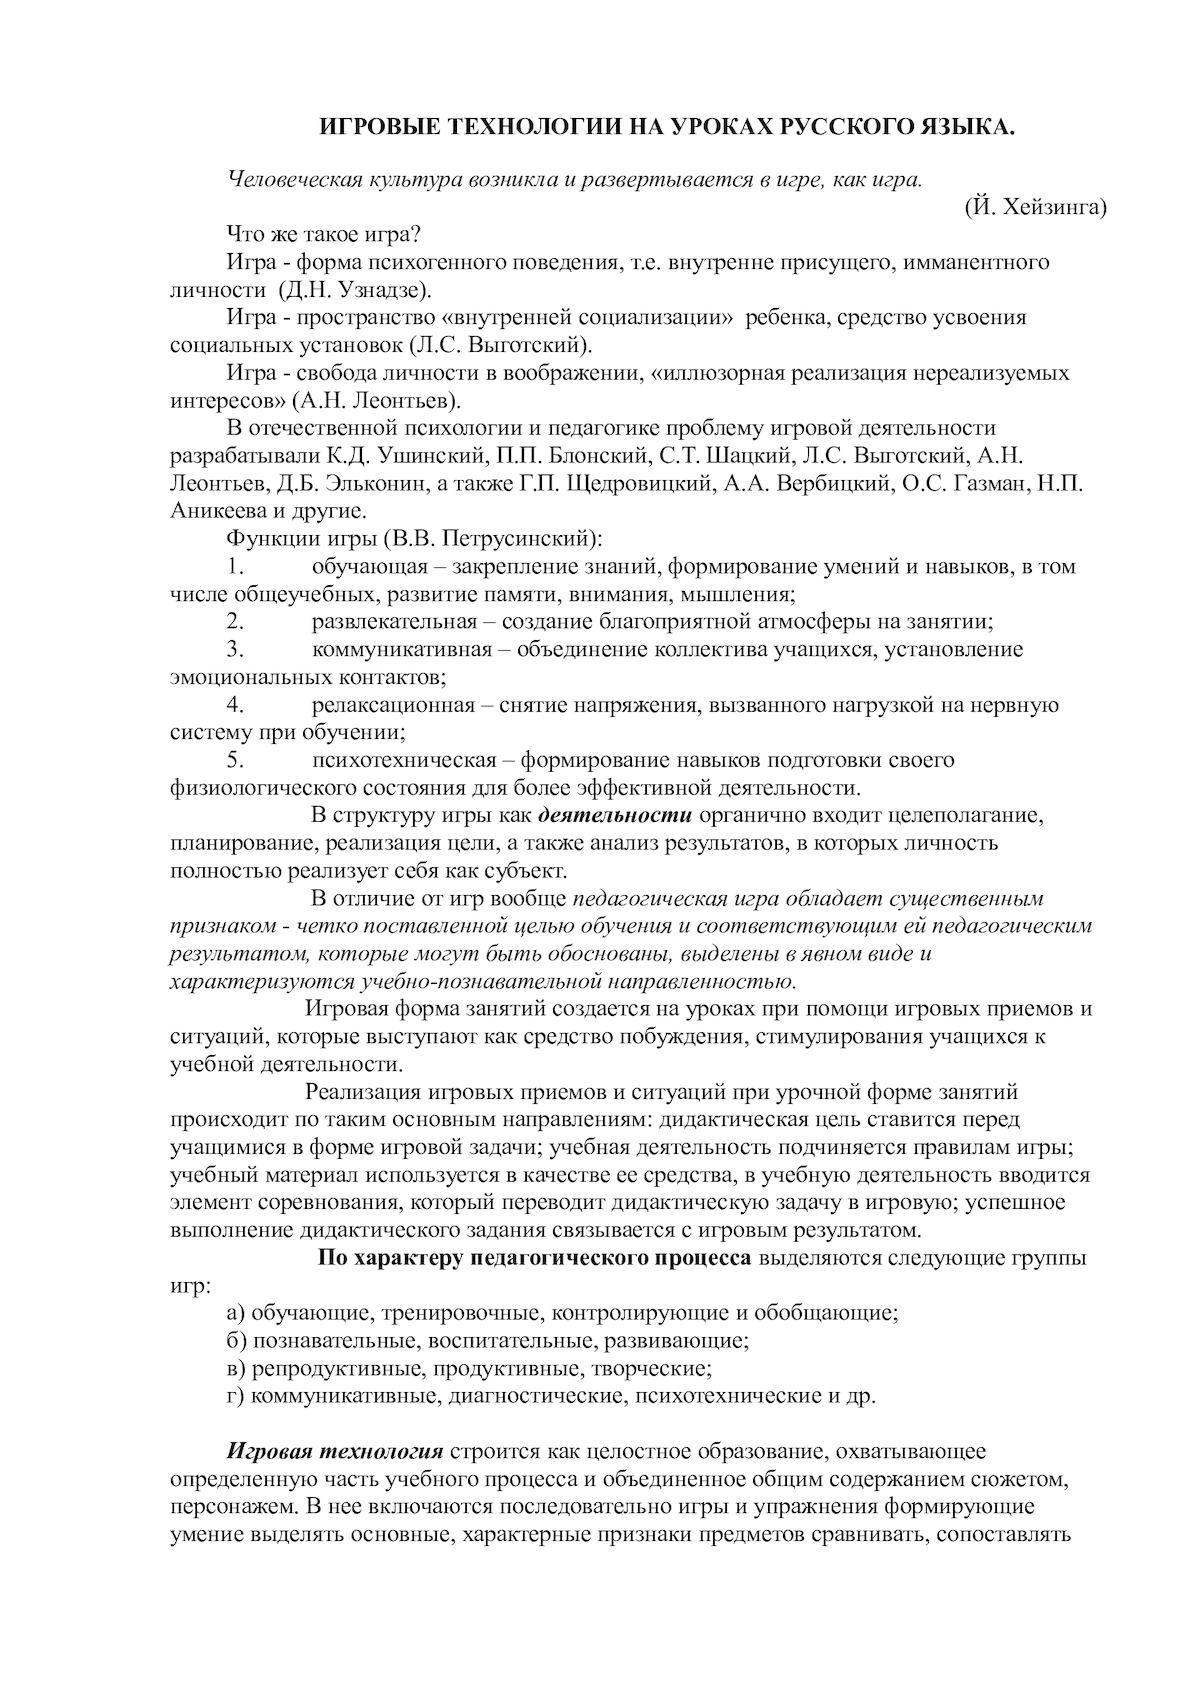 Статья игровые технологии на уроках русского языка